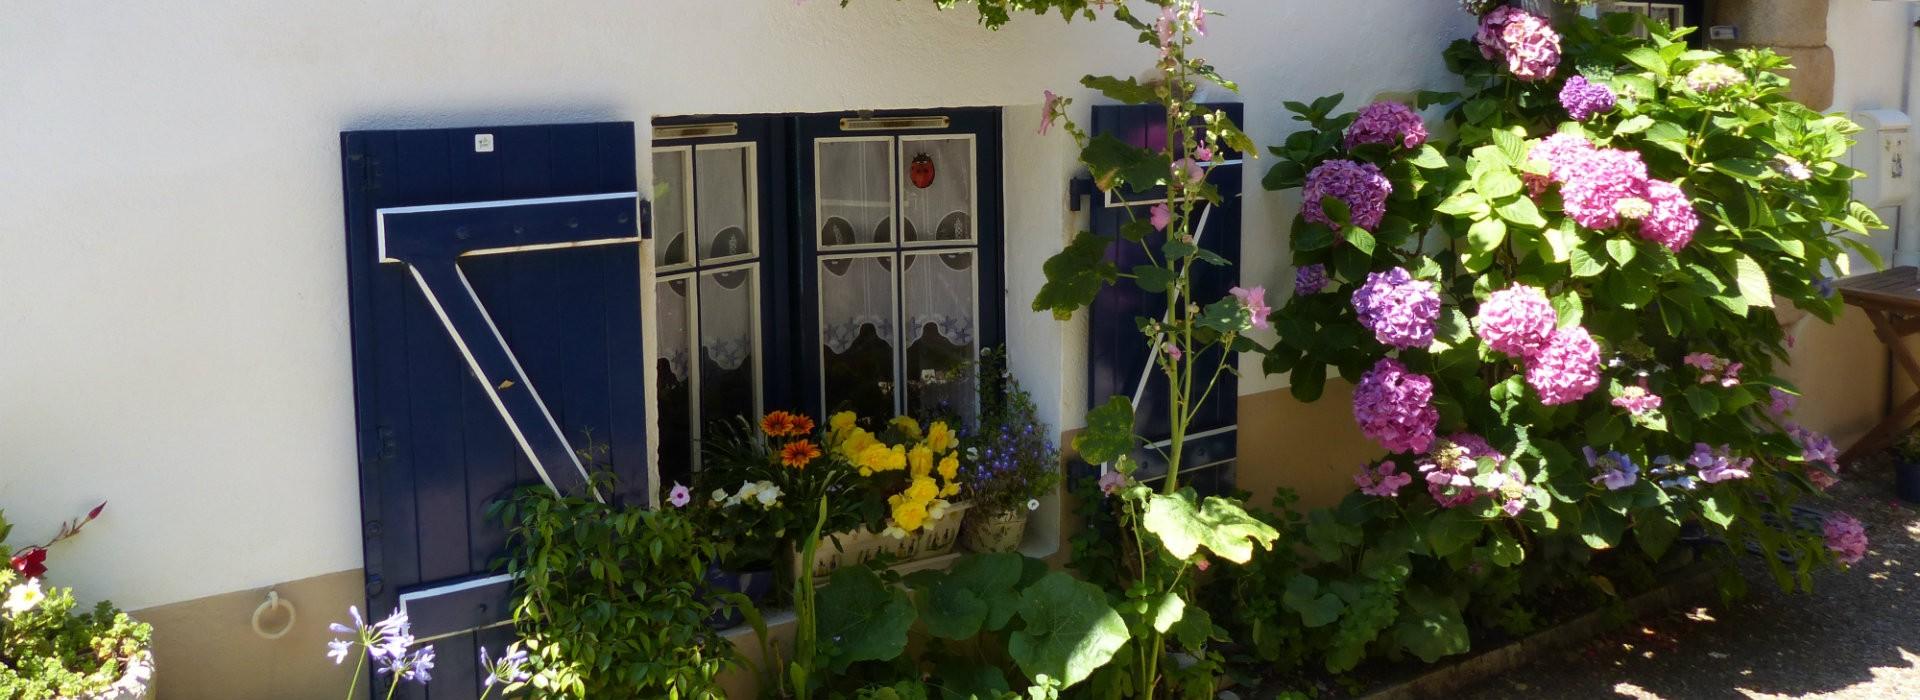 Maison dans Piriac-sur-Mer - OT la Baule Presqu'île de Guérande